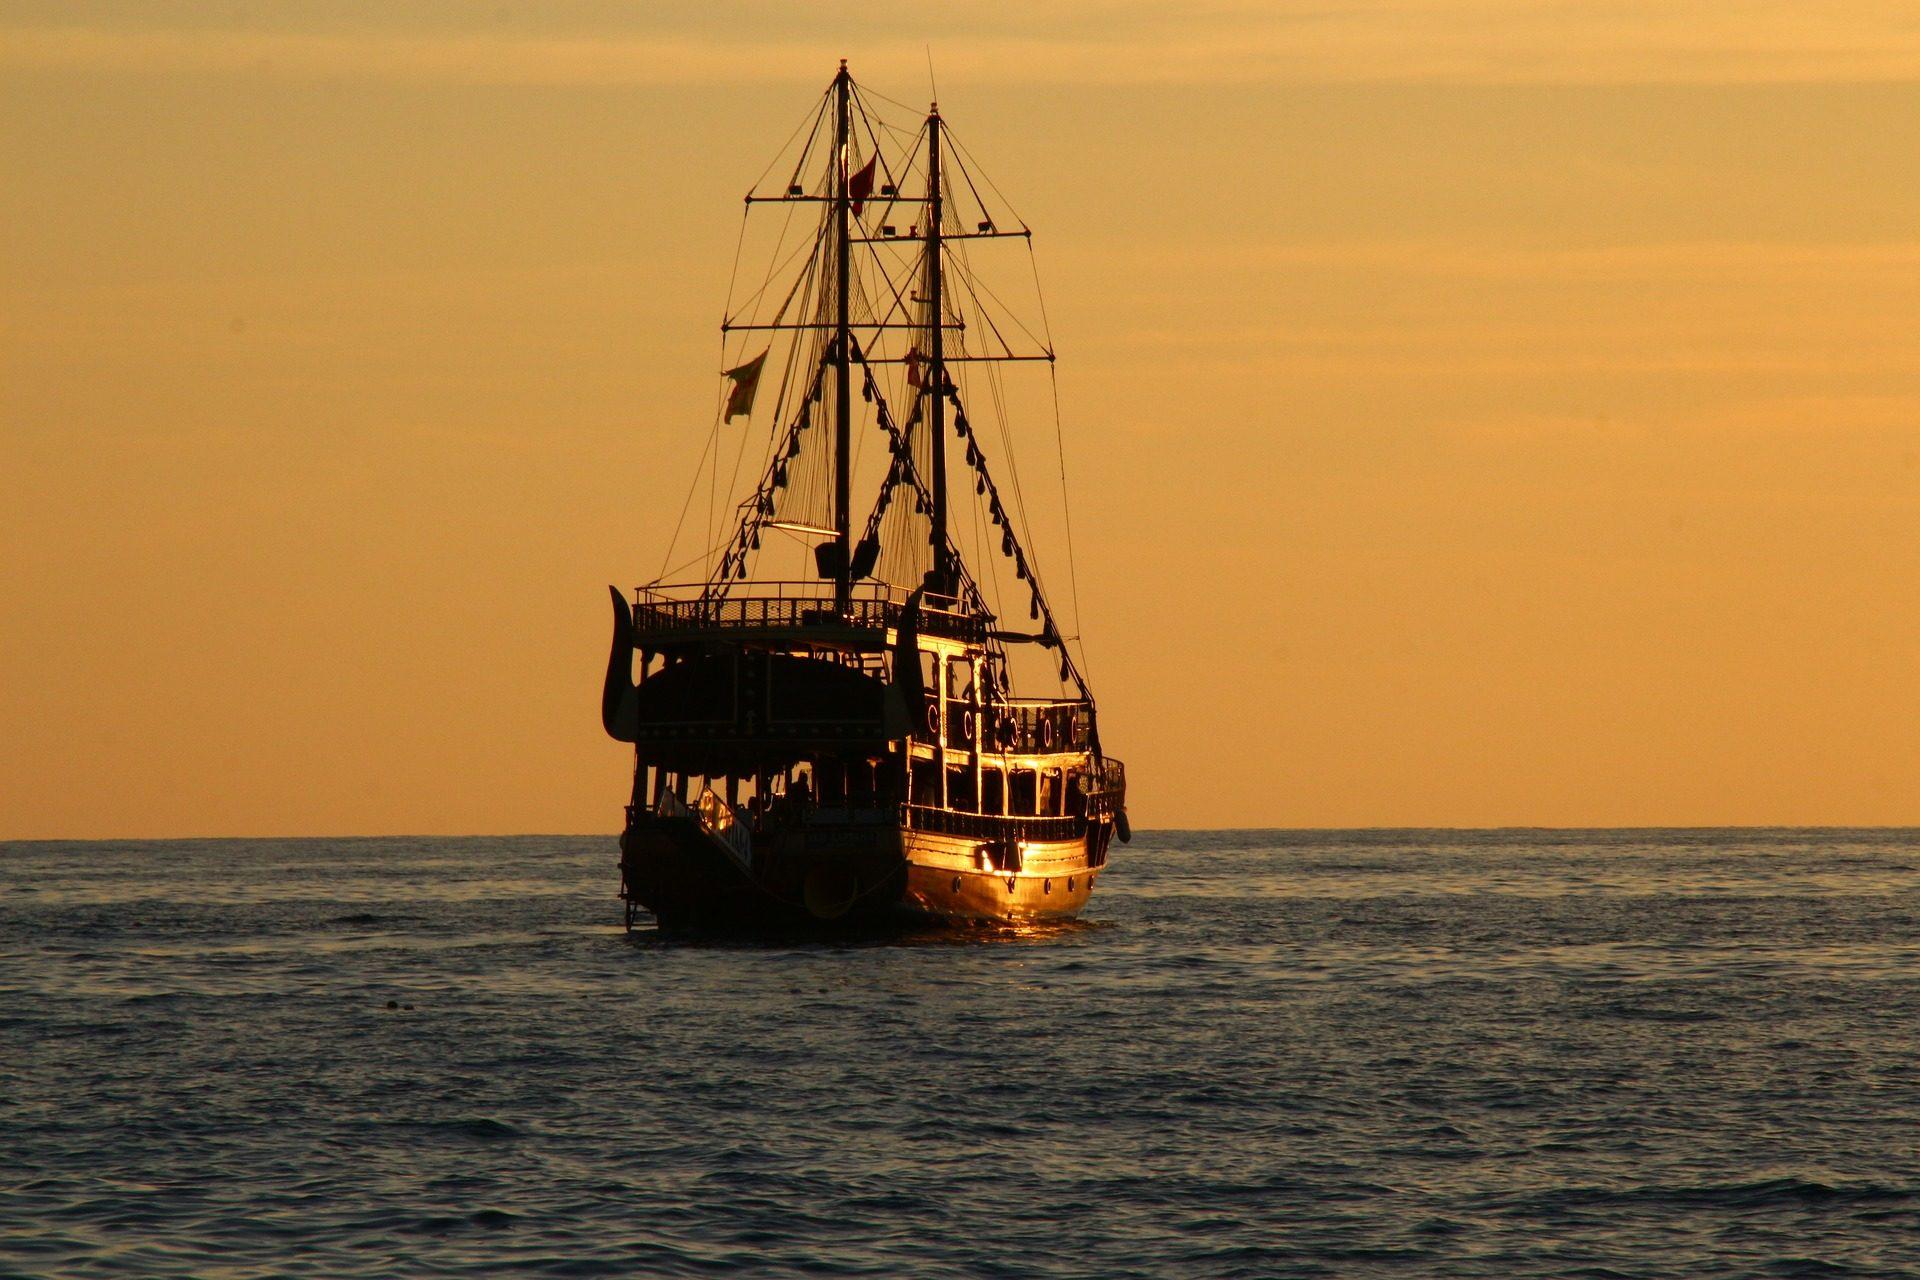 नाव, जहाज, ब्राउज़ करें, सूर्यास्त, महासागर - HD वॉलपेपर - प्रोफेसर-falken.com